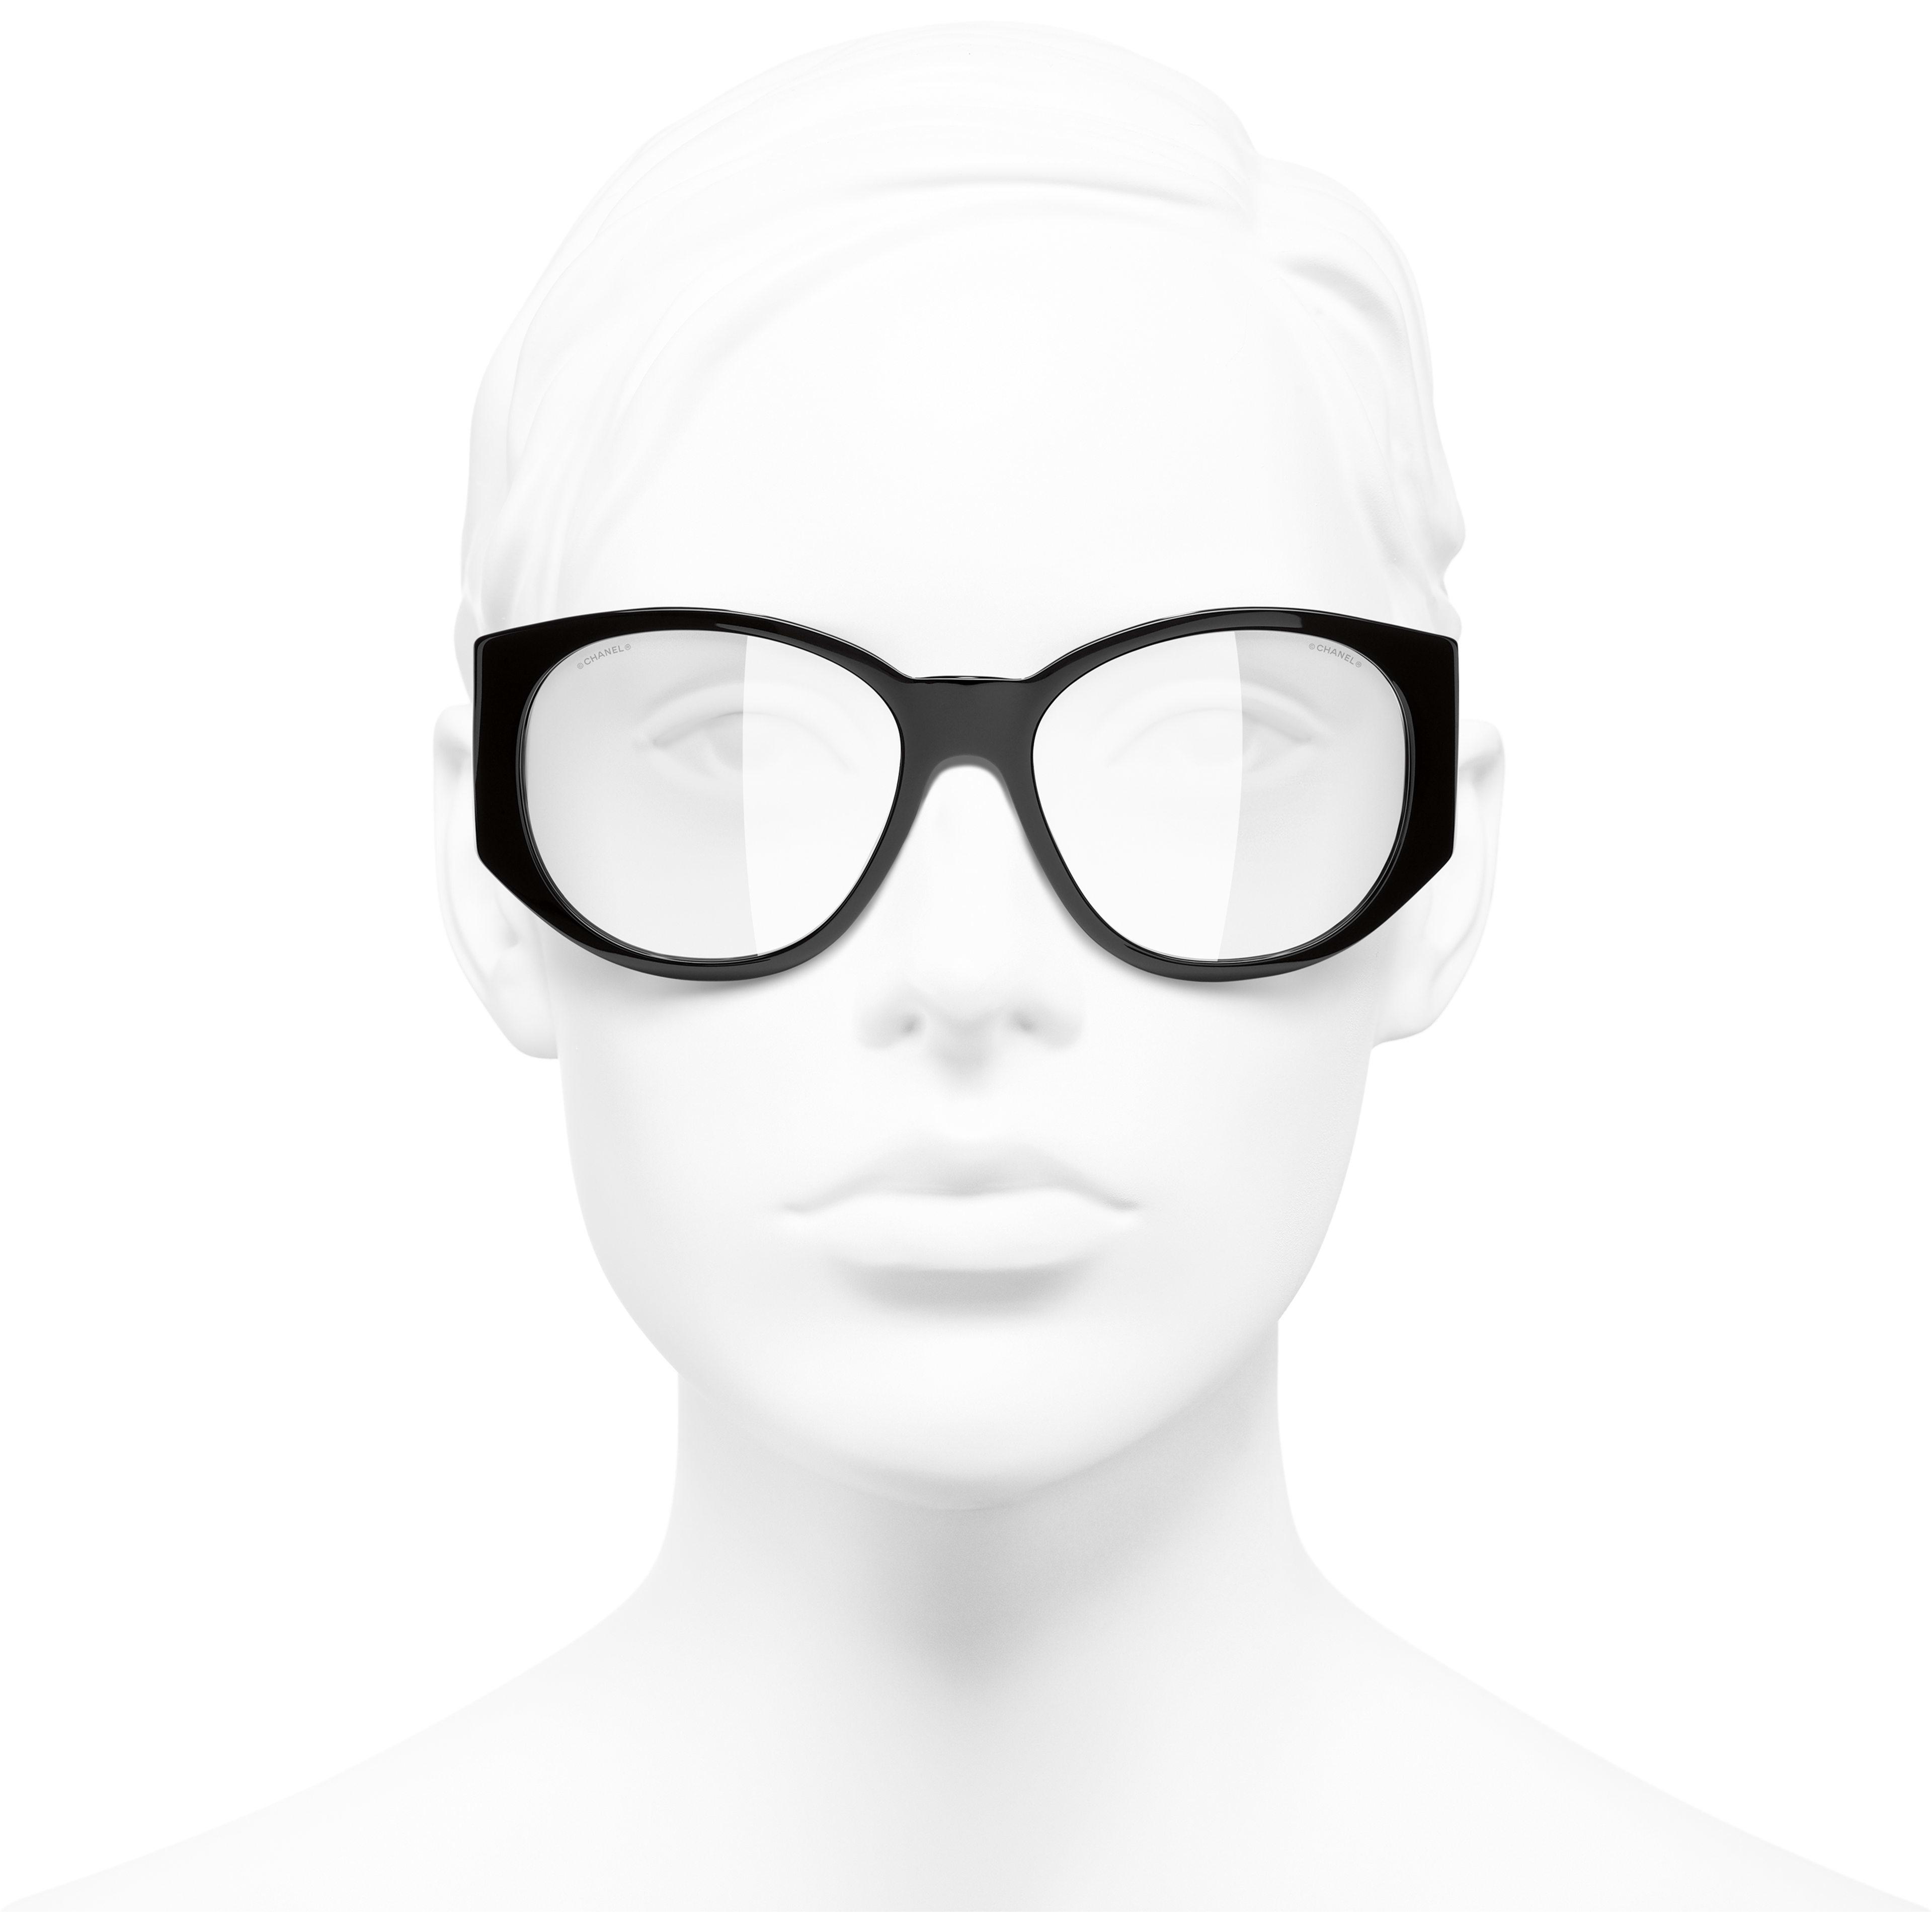 Lunettes ovales - Noir - Acétate - CHANEL - Vue de face portée - voir la version taille standard